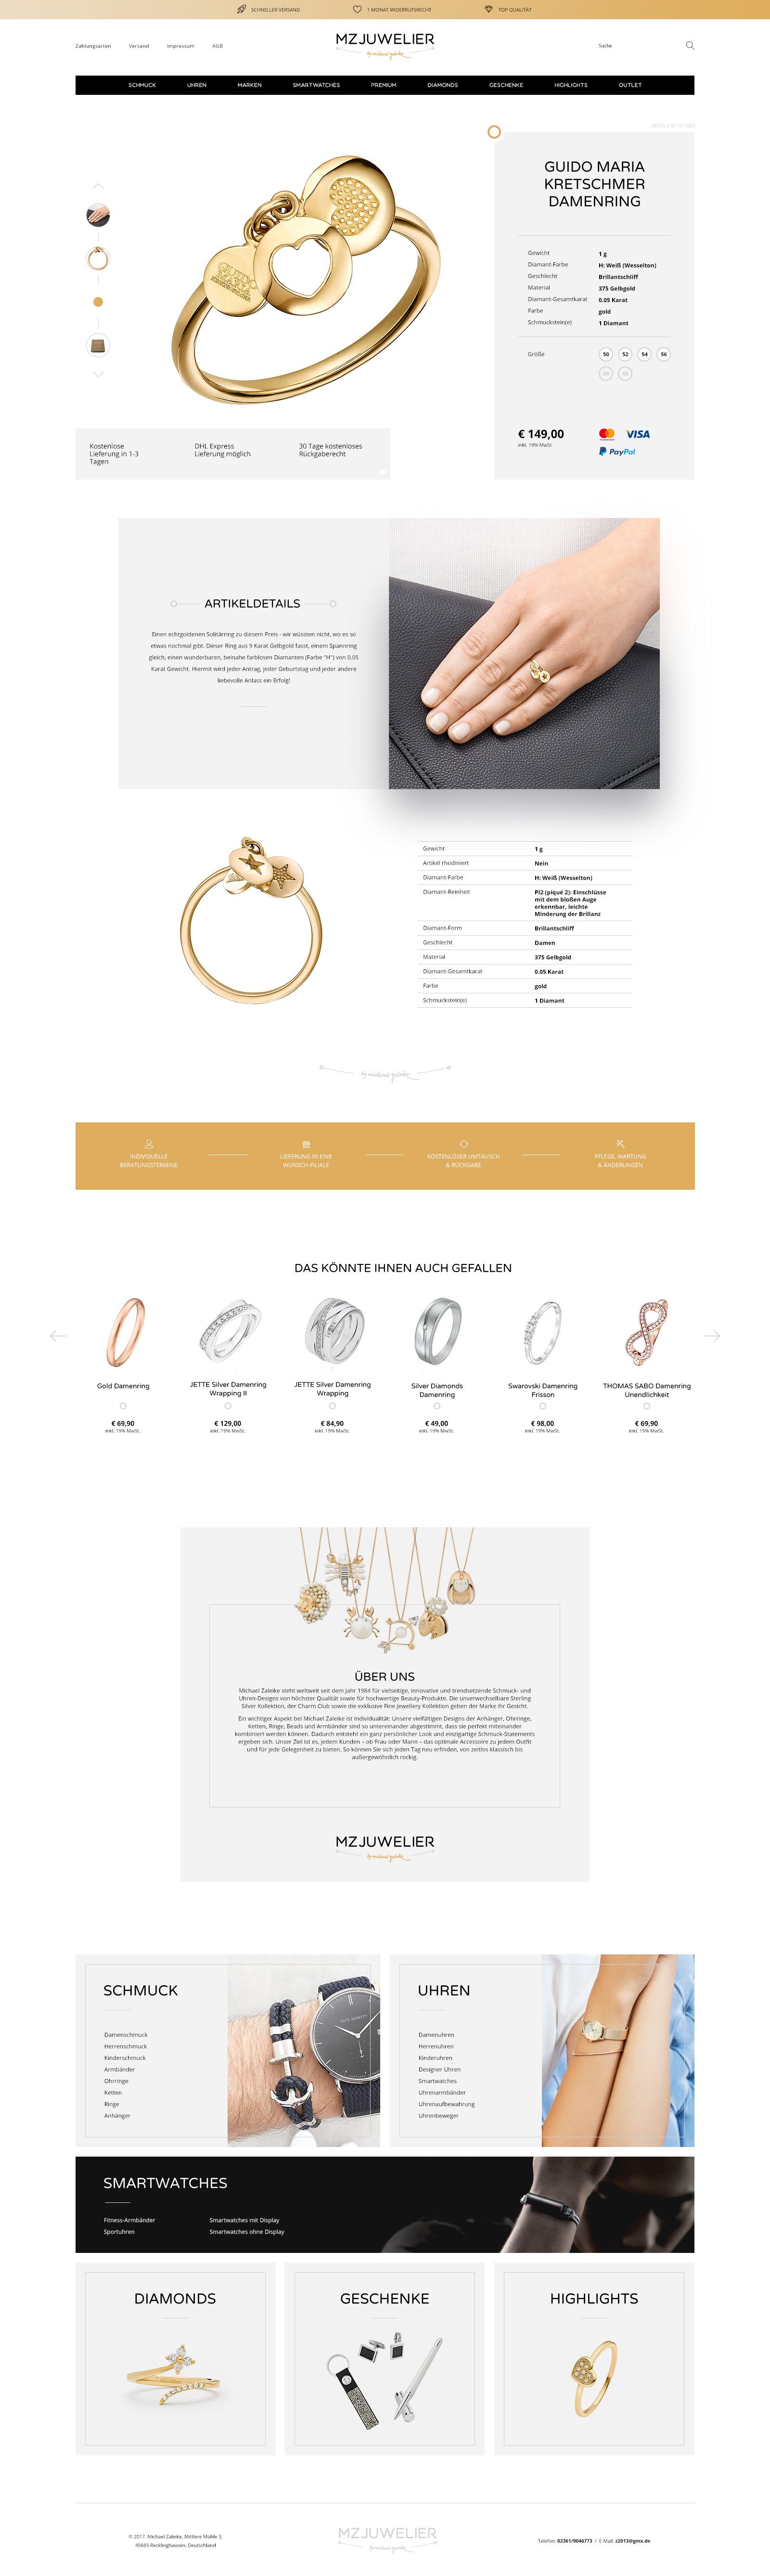 MZ Juwelier